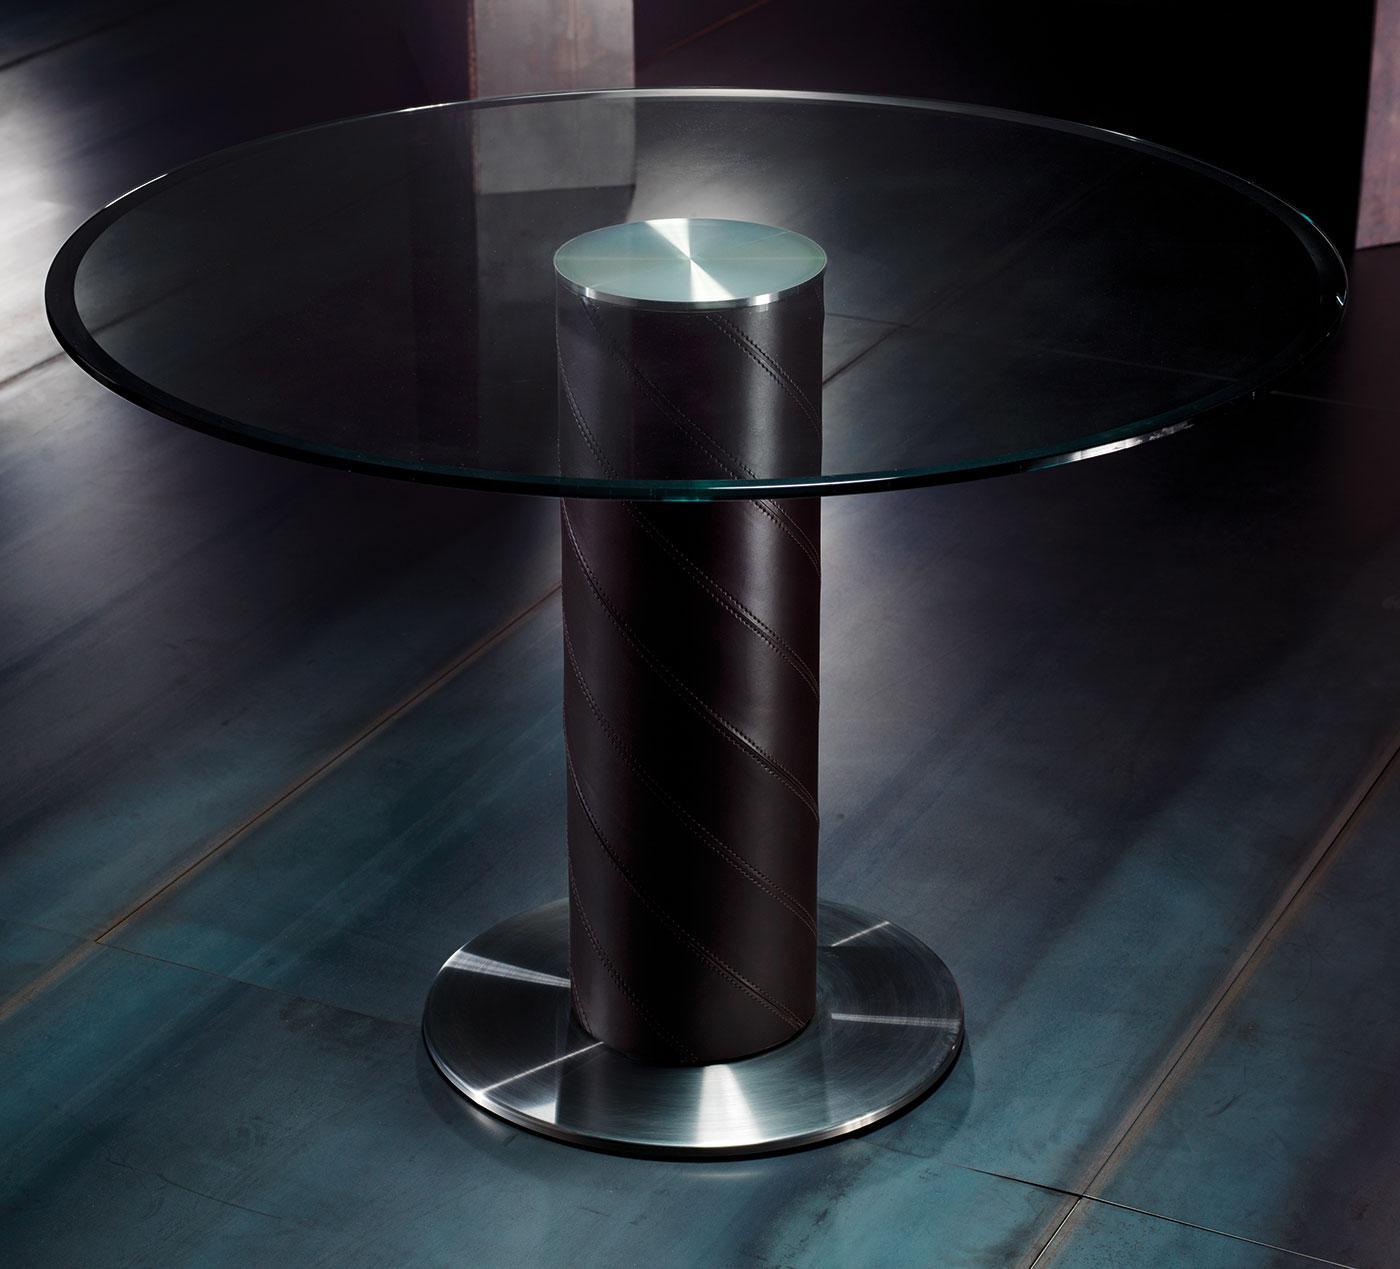 Rolling tavolo rotondo italy dream design for Tavolo vetro satinato